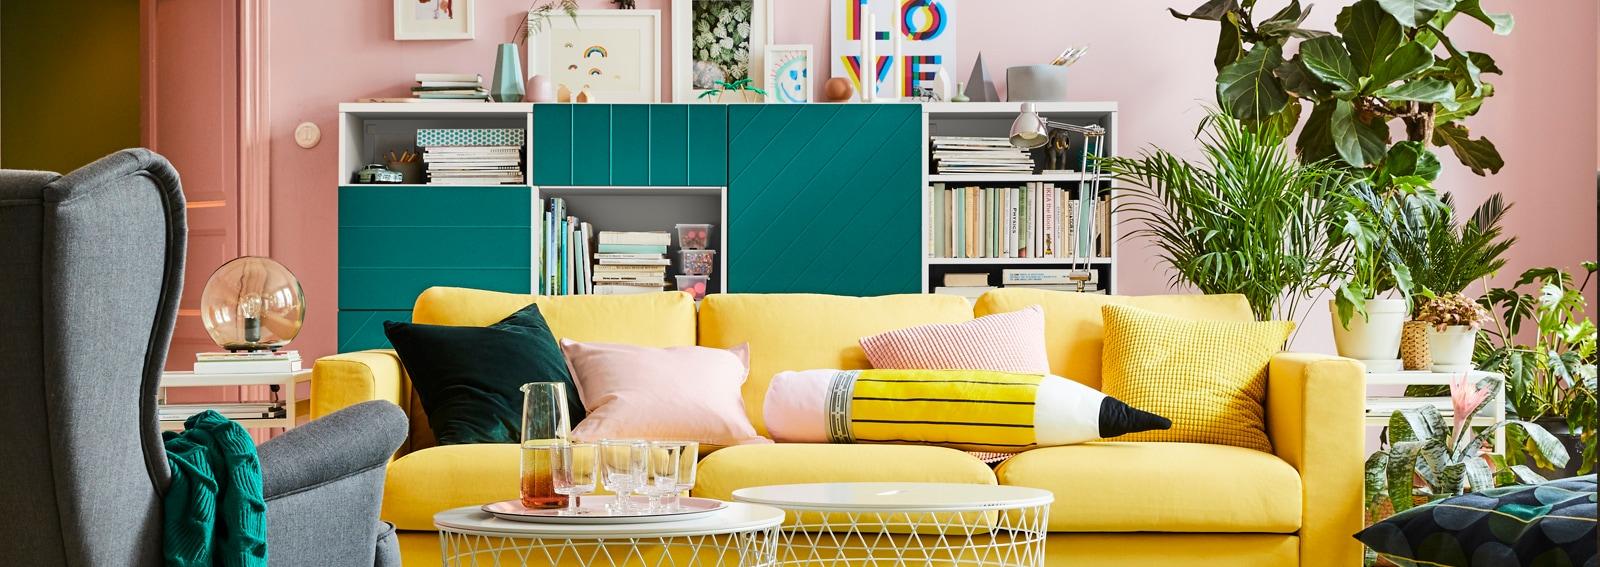 Gambe Per Mobili Ikea 10 idee creative (e facili) per modificare i mobili ikea